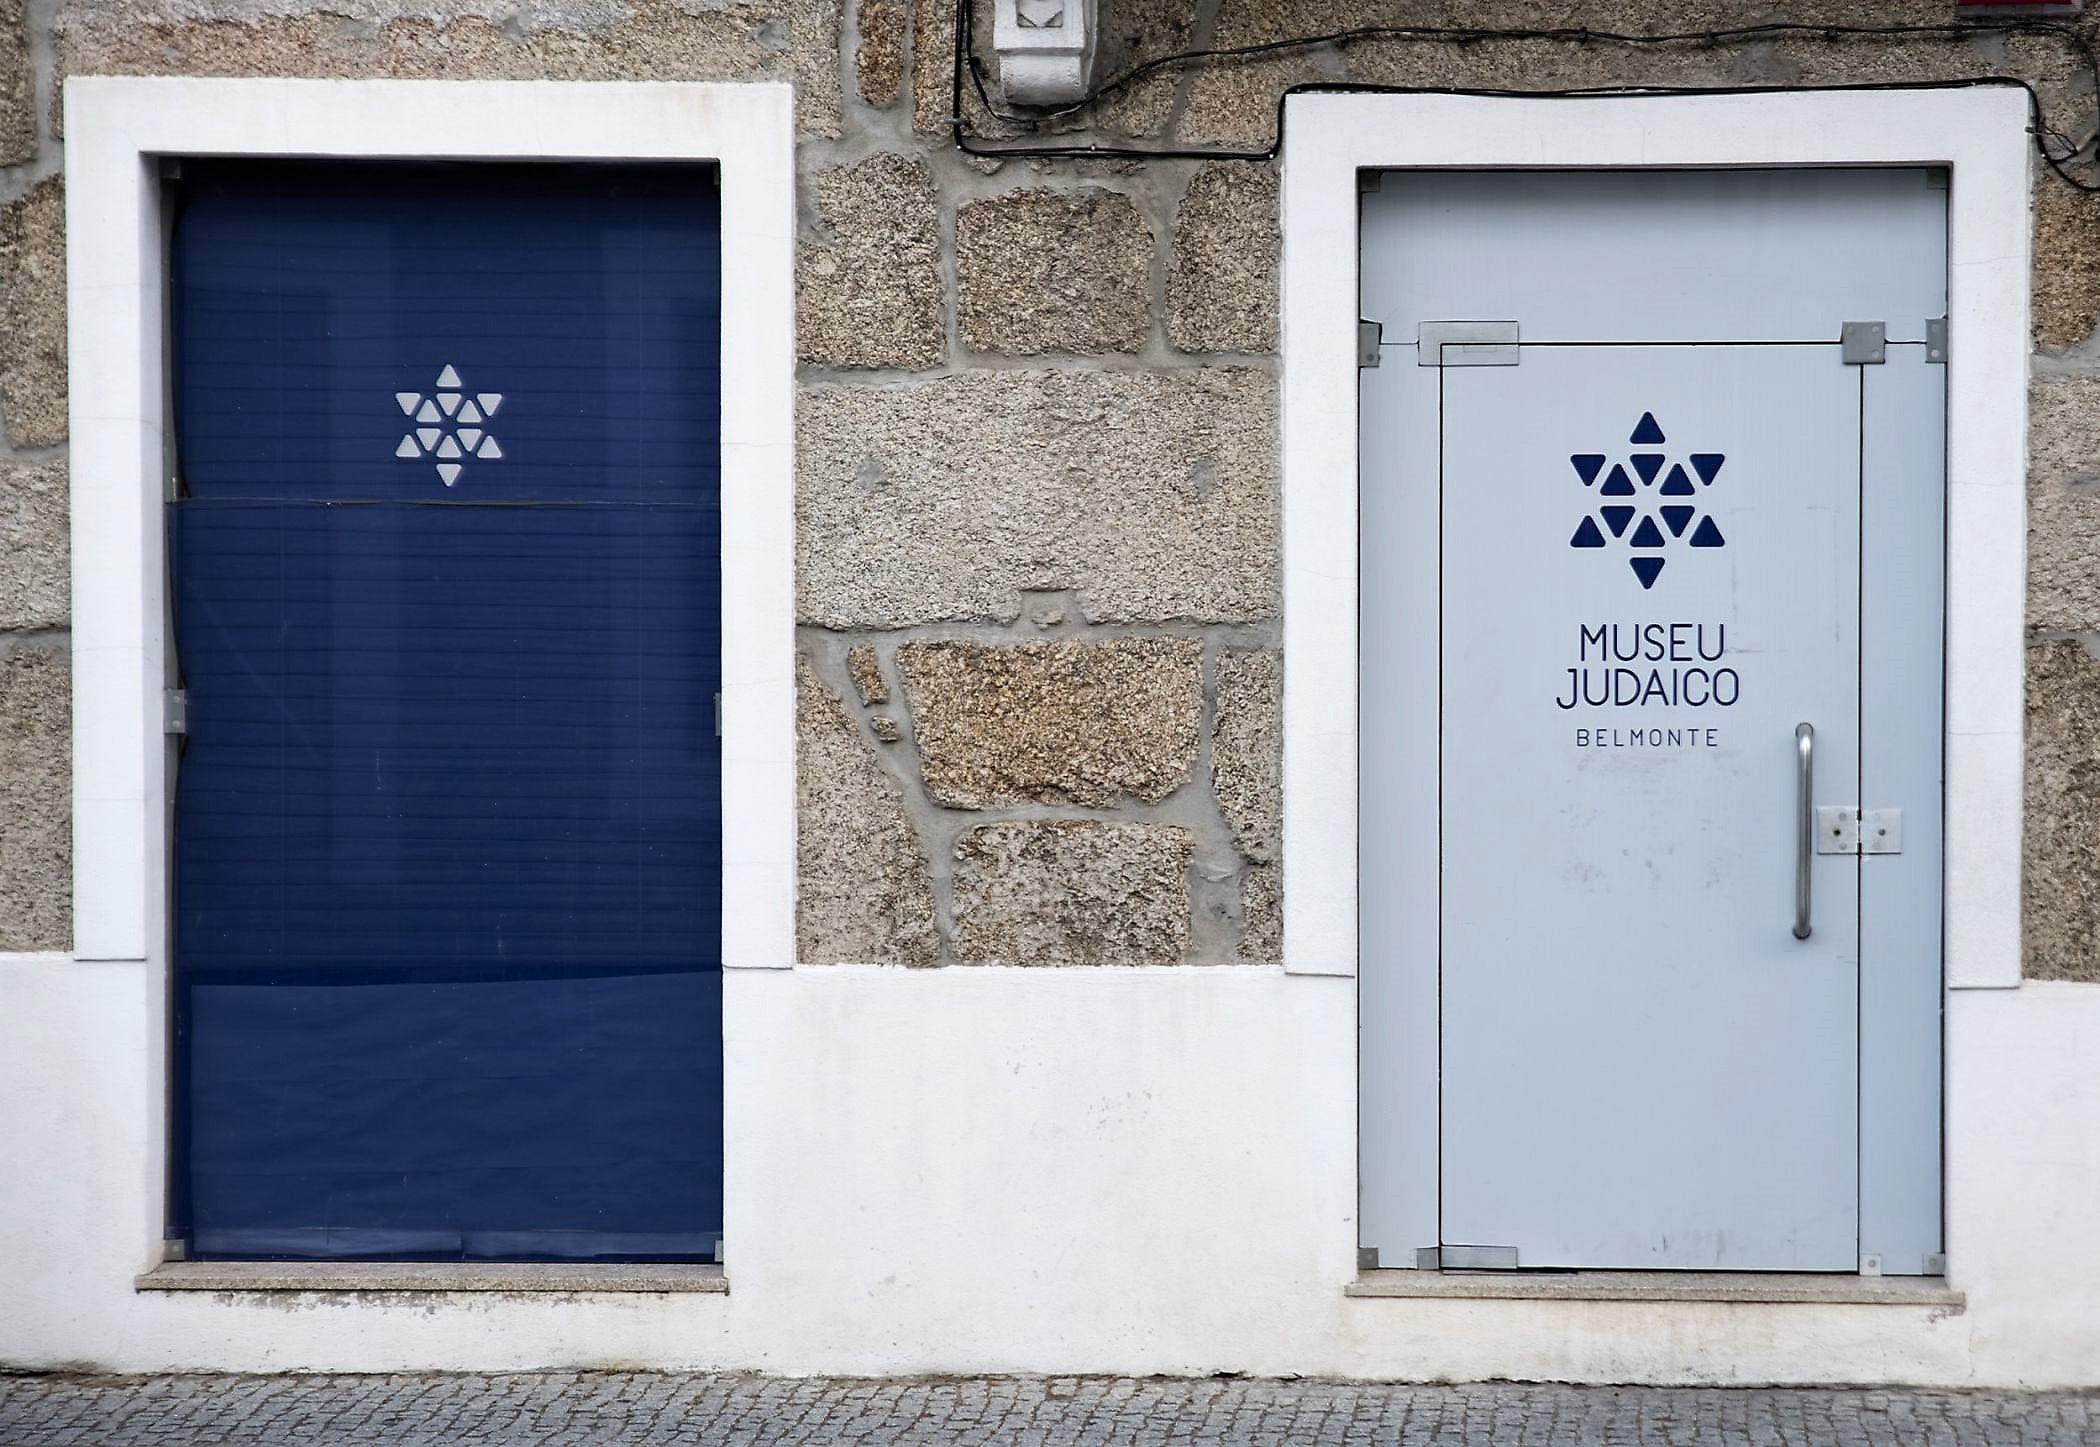 museo_judaico_belmonte